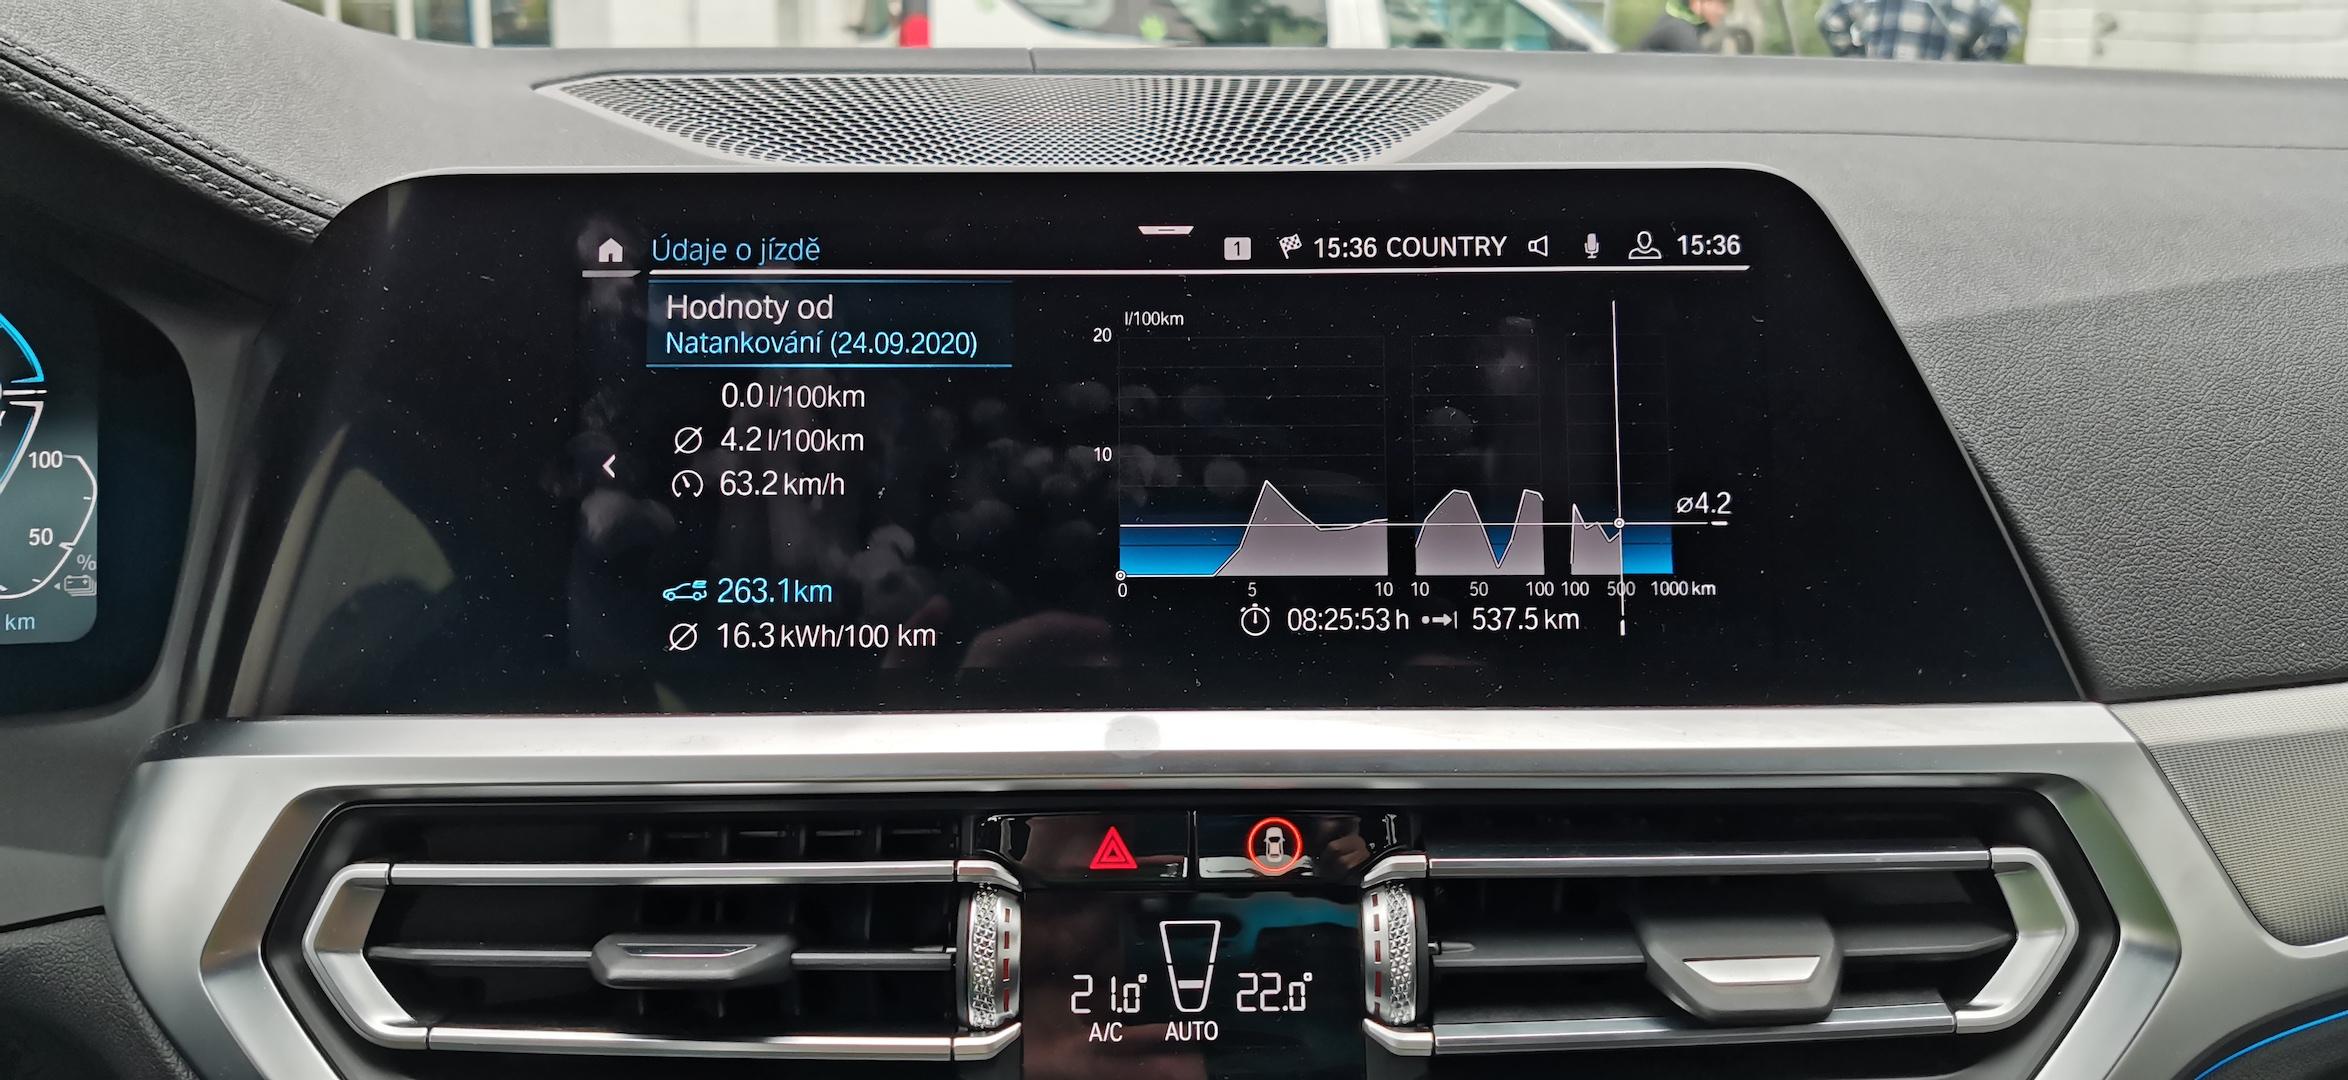 BMW 330e - skutečná spotřeba